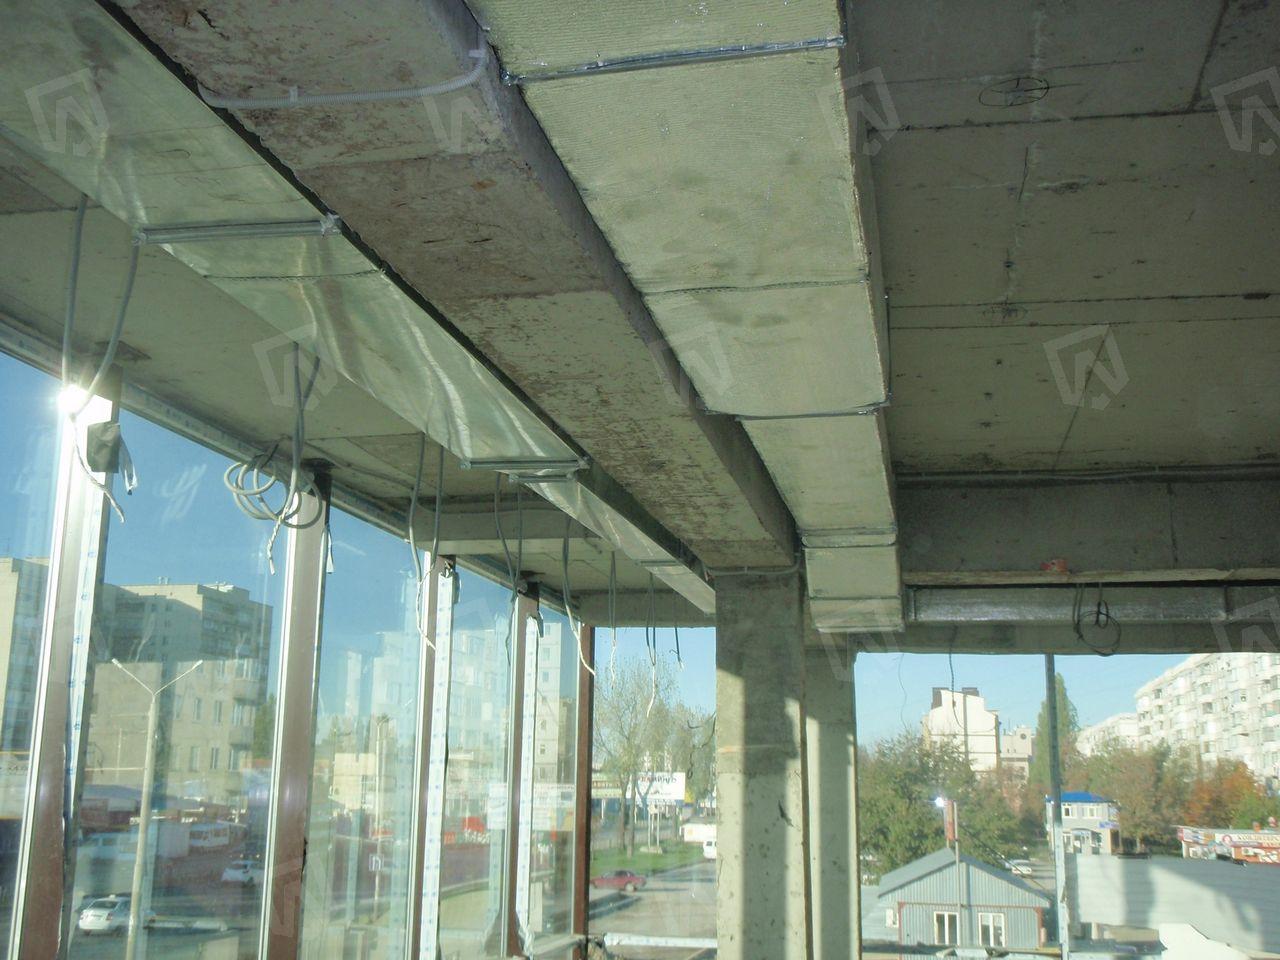 Продуманная схема монтажа воздуховодов приточно-вытяжной вентиляции в последствии позволяет дизайнеру аккуратно нивелировать занимаемую ими площадь потолка